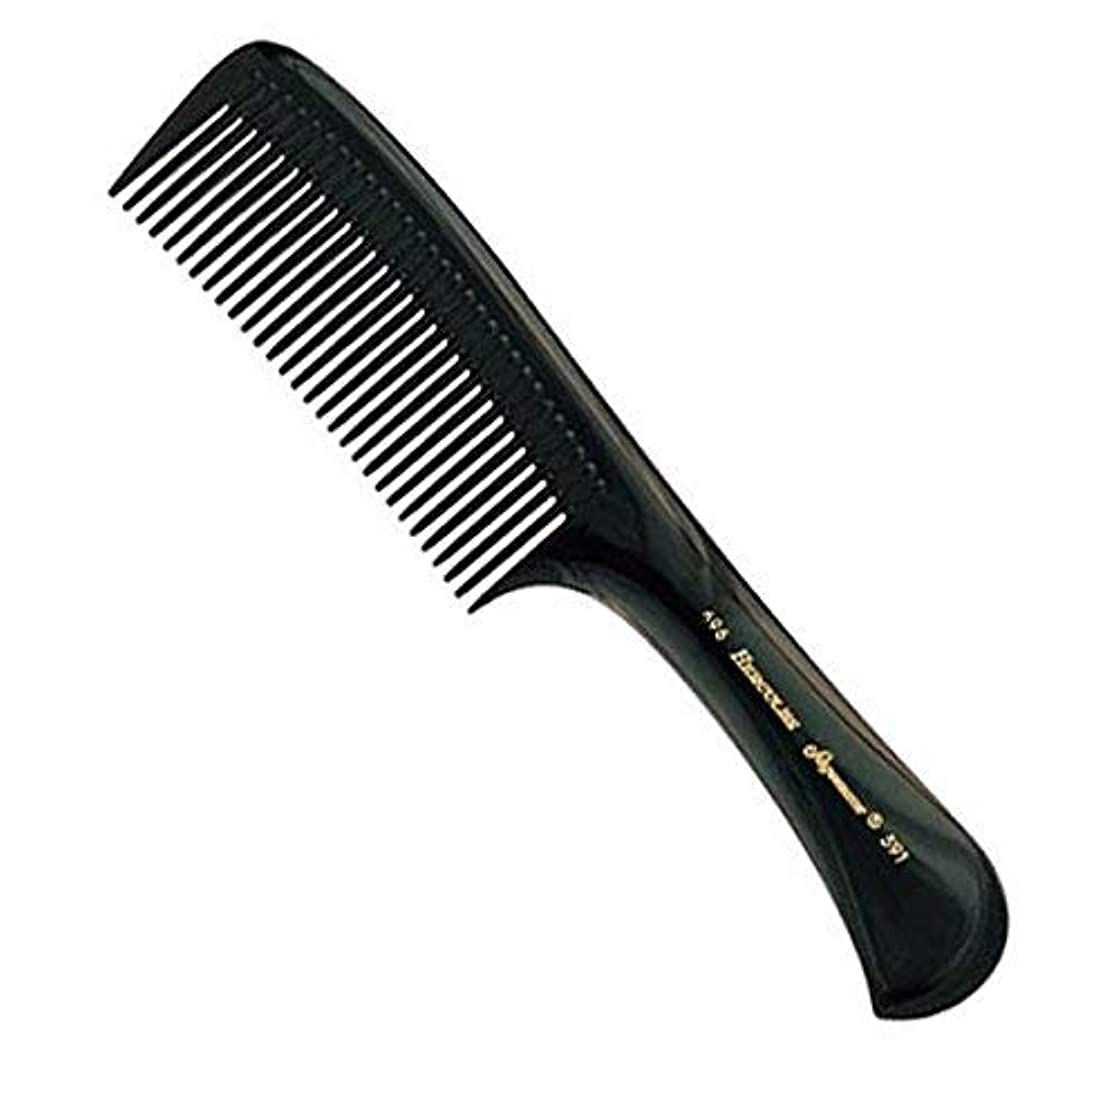 ポーズ債権者記念碑Hercules Sagemann Seamless Handle Detangling Hair Comb, 22.7 cm Length [並行輸入品]